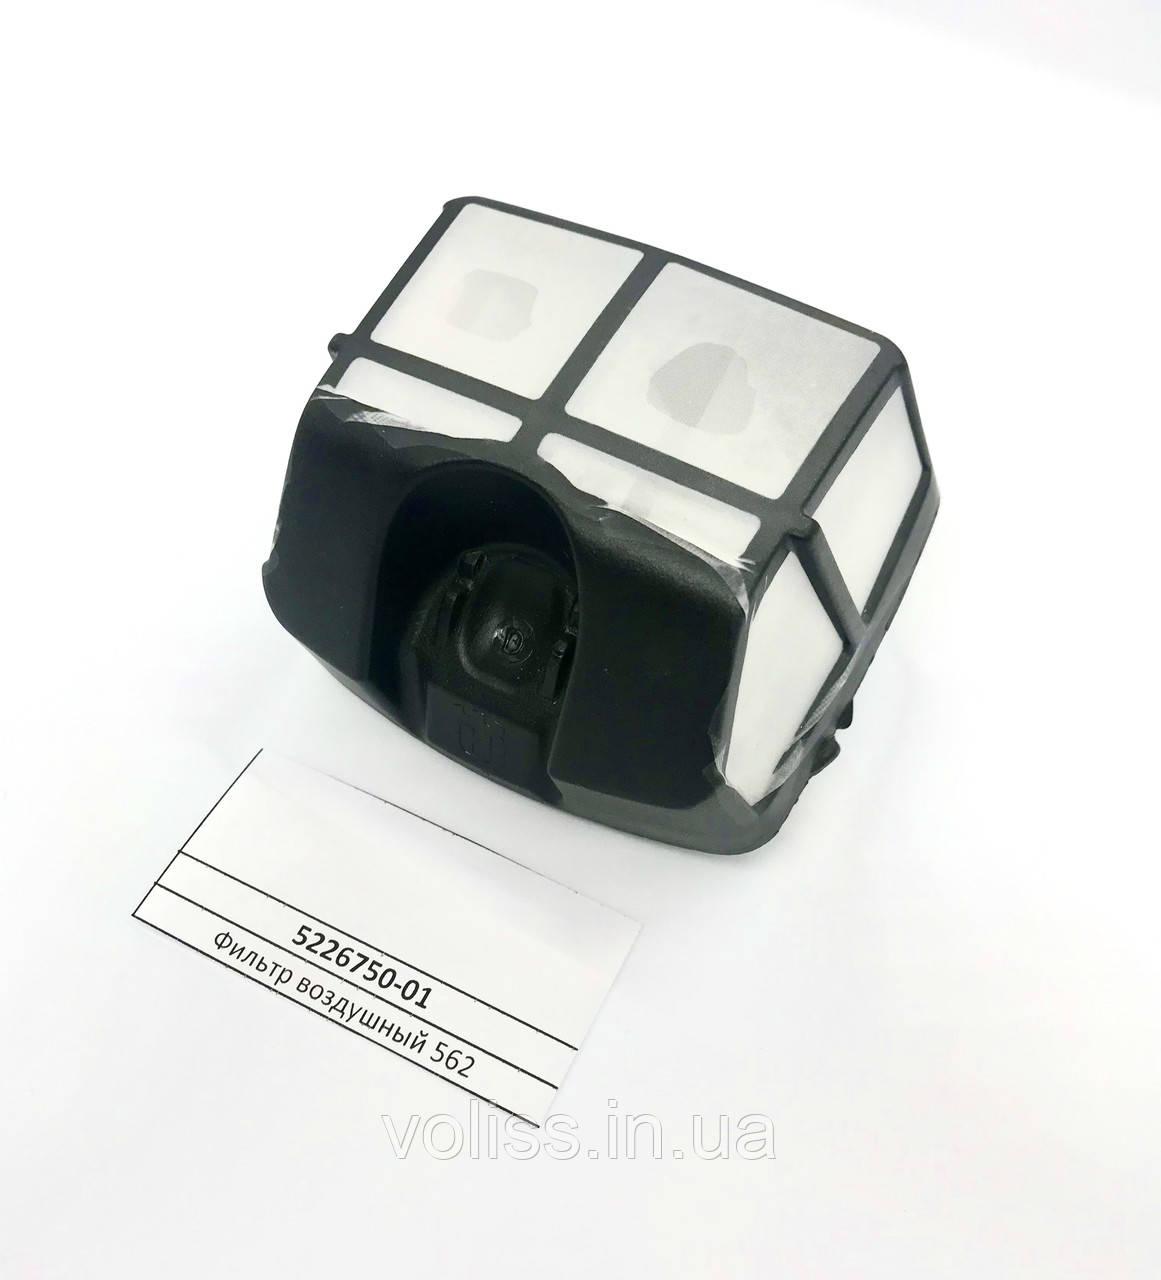 Фільтр повітряний для бензопил Husqvarna 562XP (5226750-01)